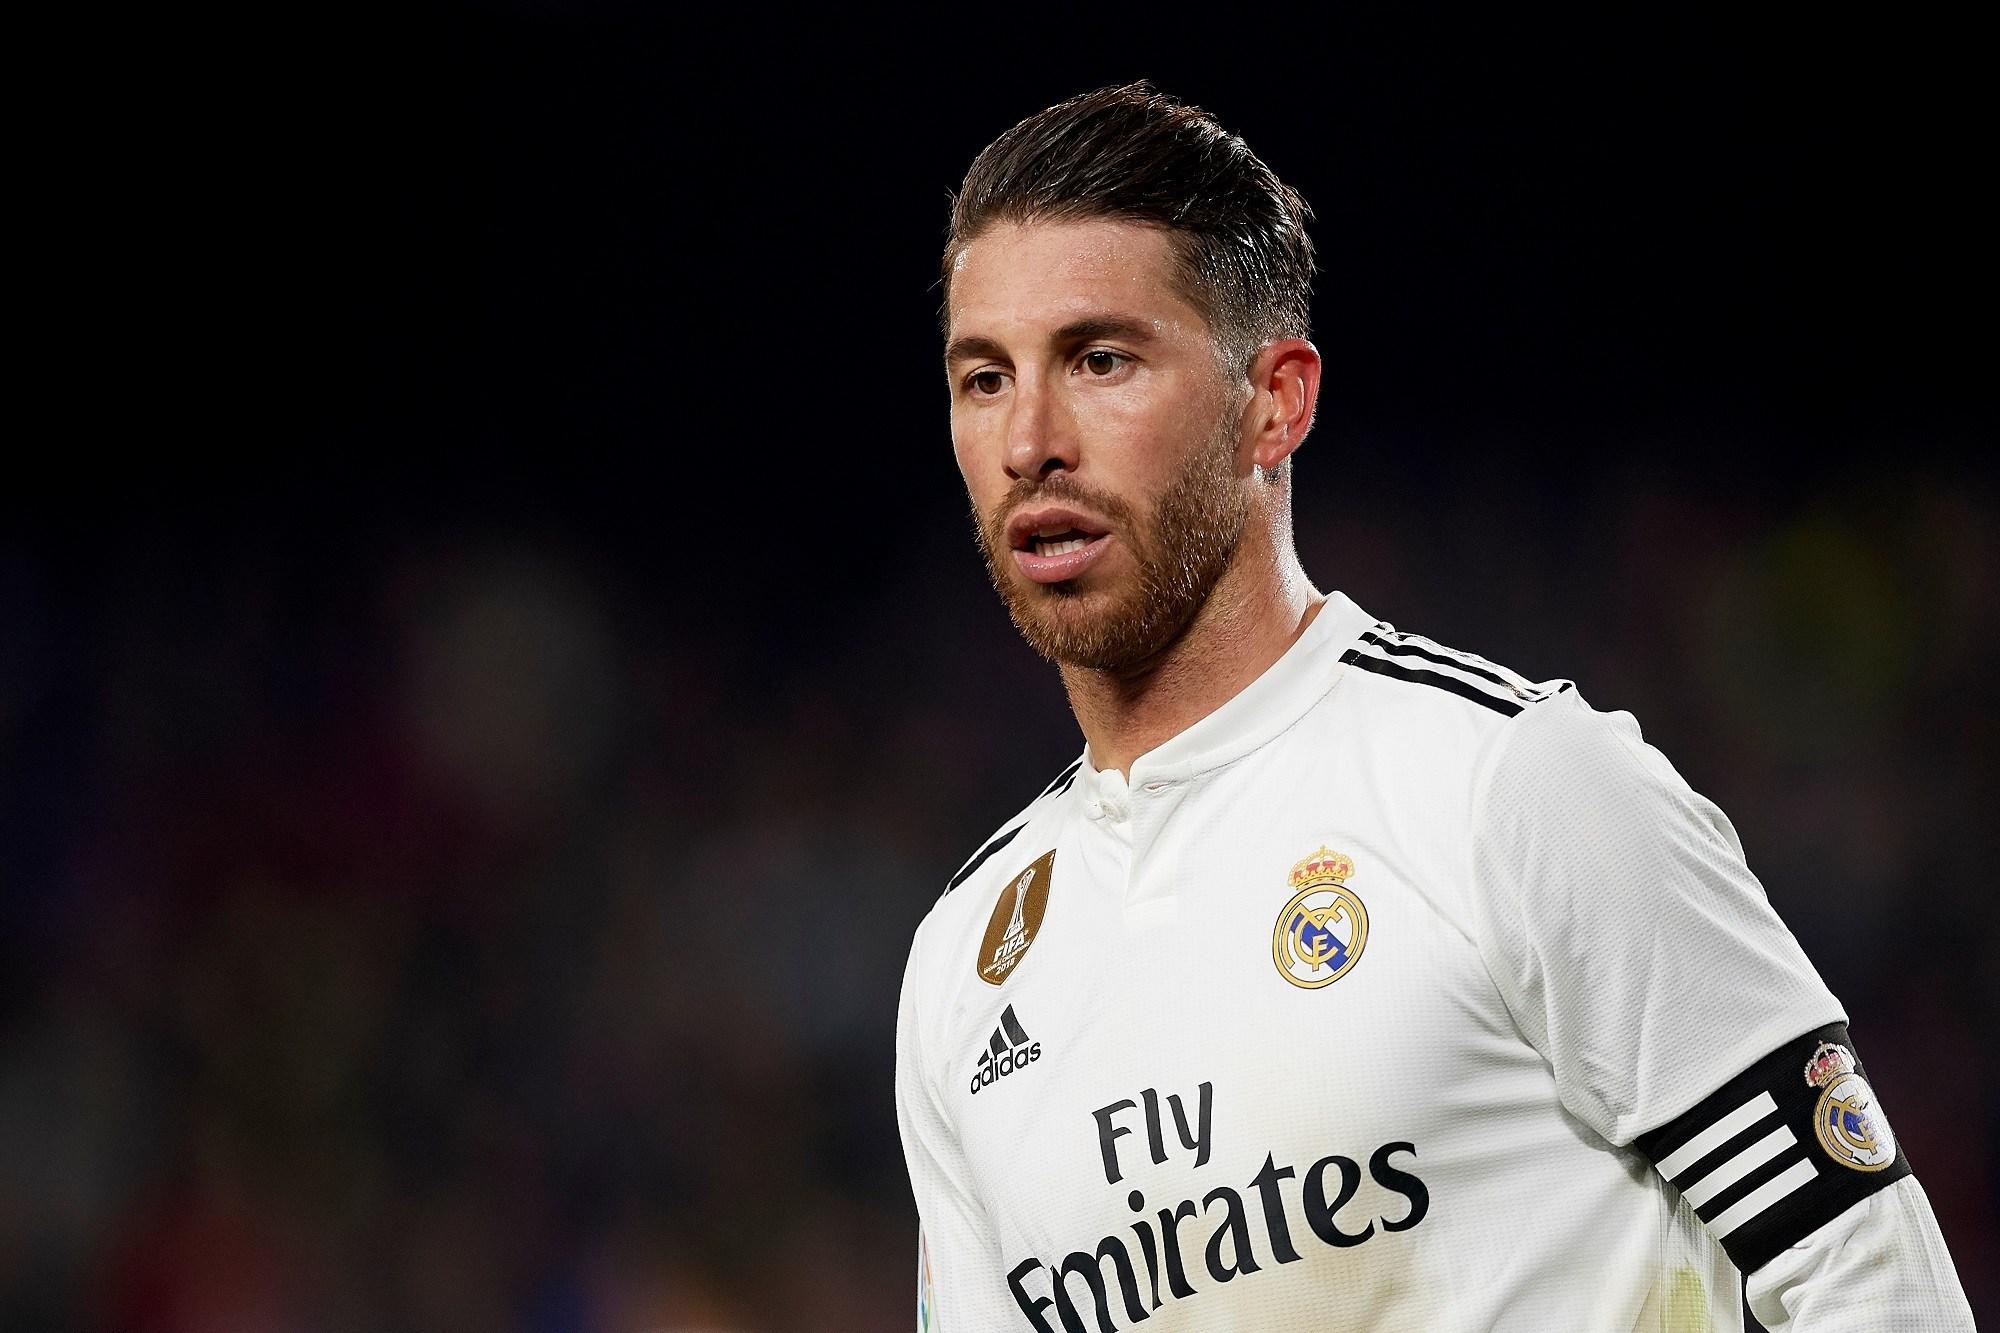 Gaya rambut undercut pesepak bola Sergio Ramos